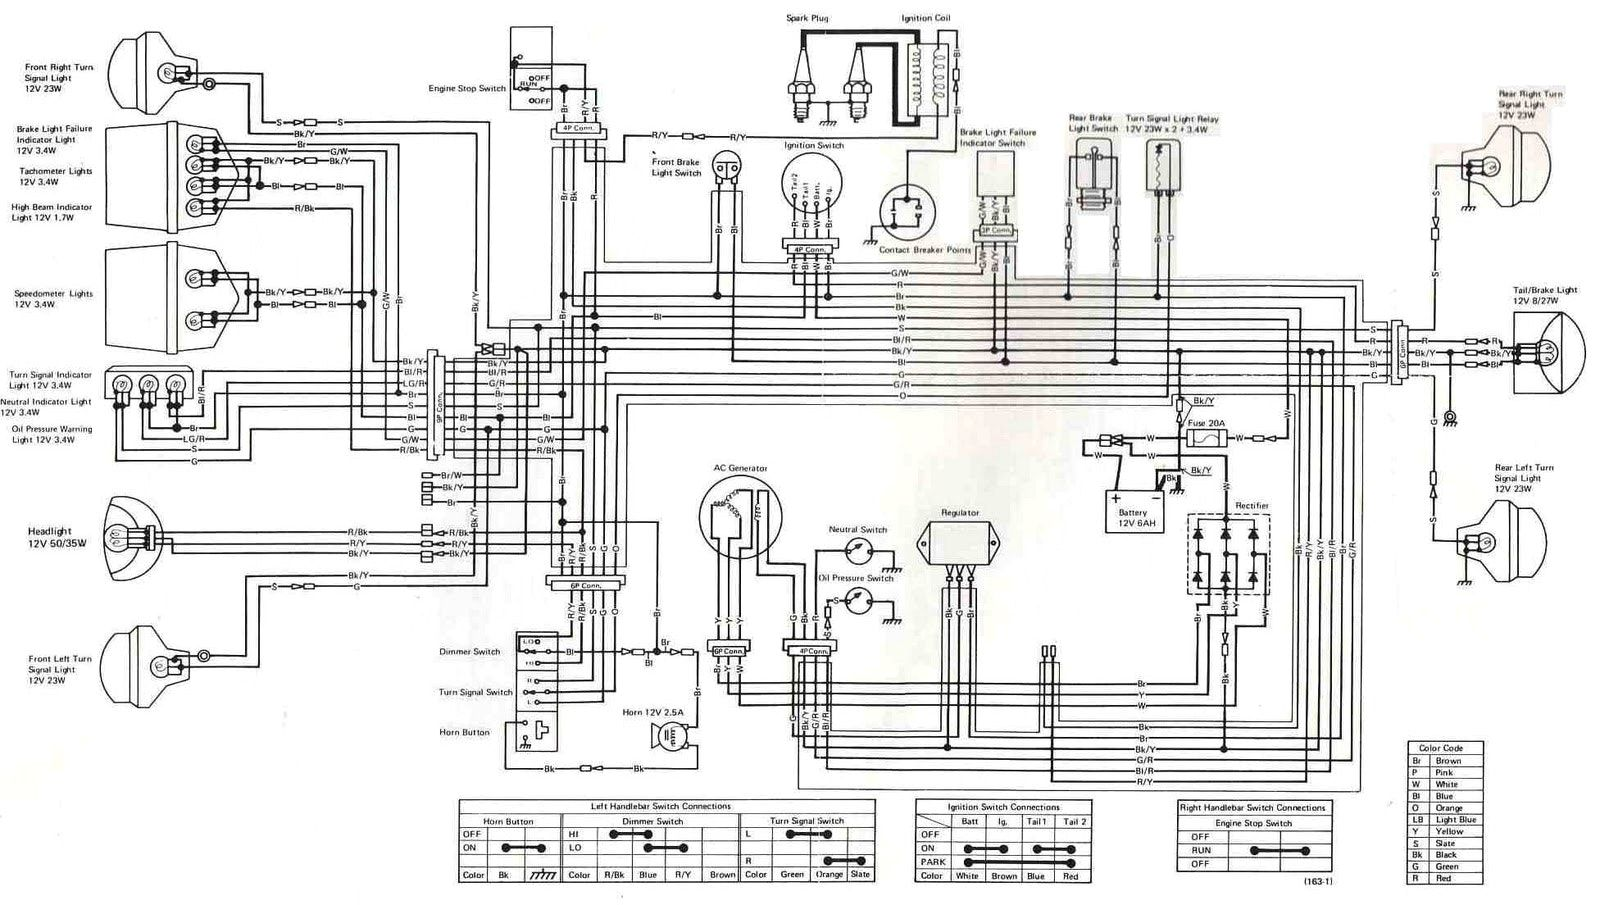 Kawasaki F7 Wiring Diagram | Wiring Diagram on